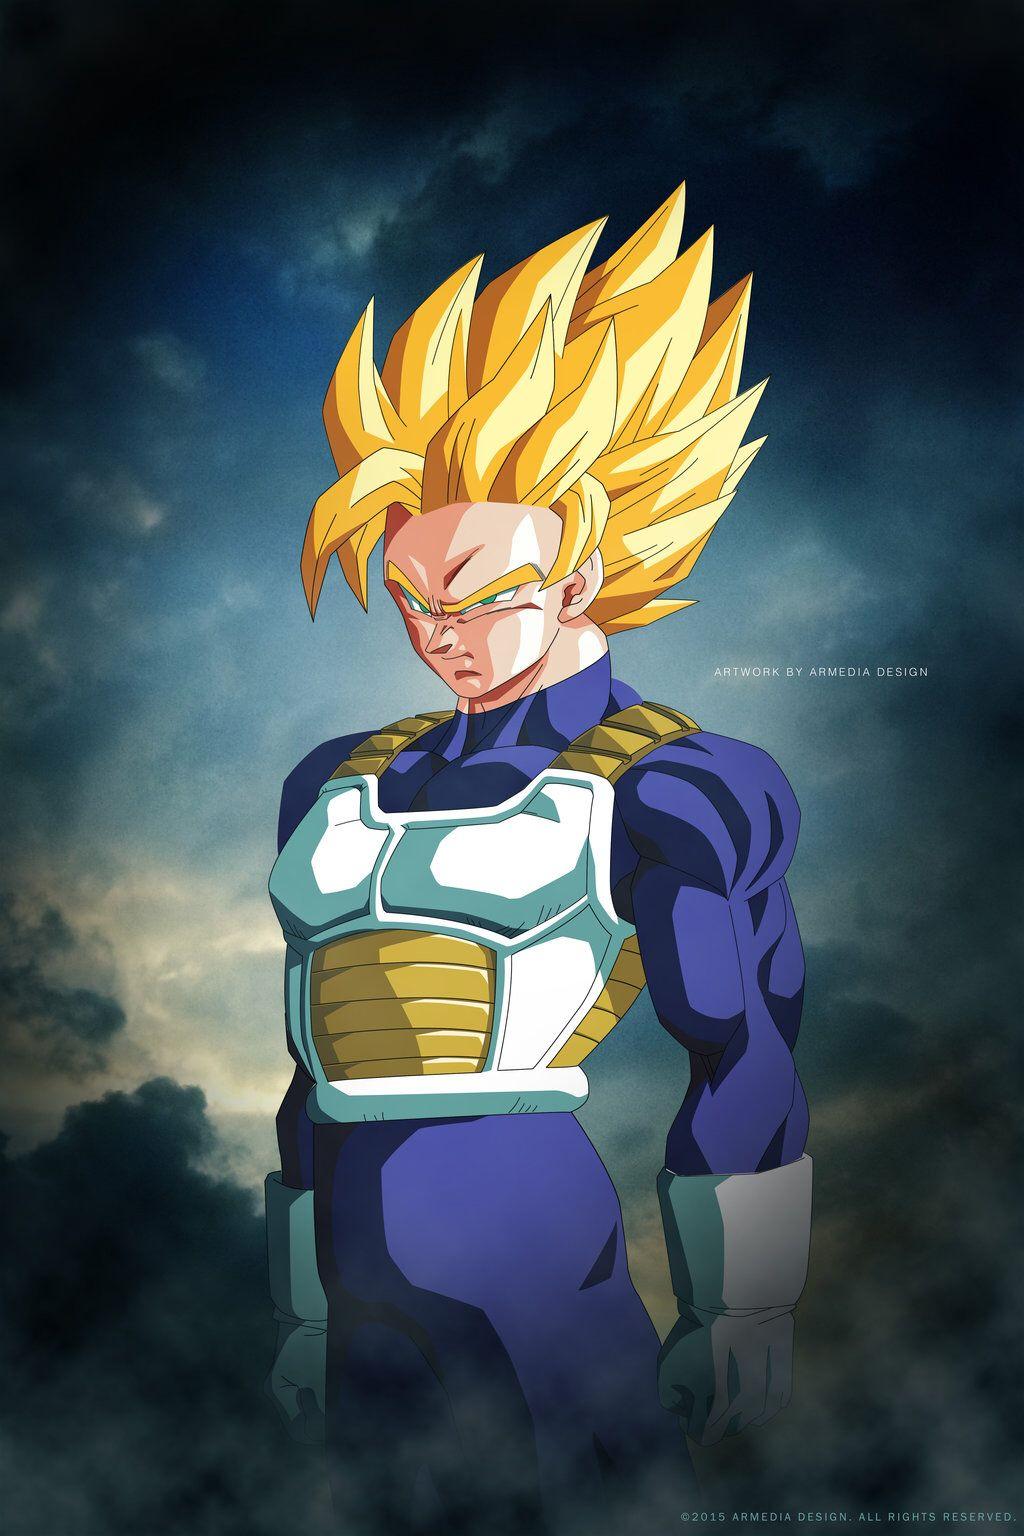 Dragon Ball Z Goku Super Saiyan 2 By Altobello02 On